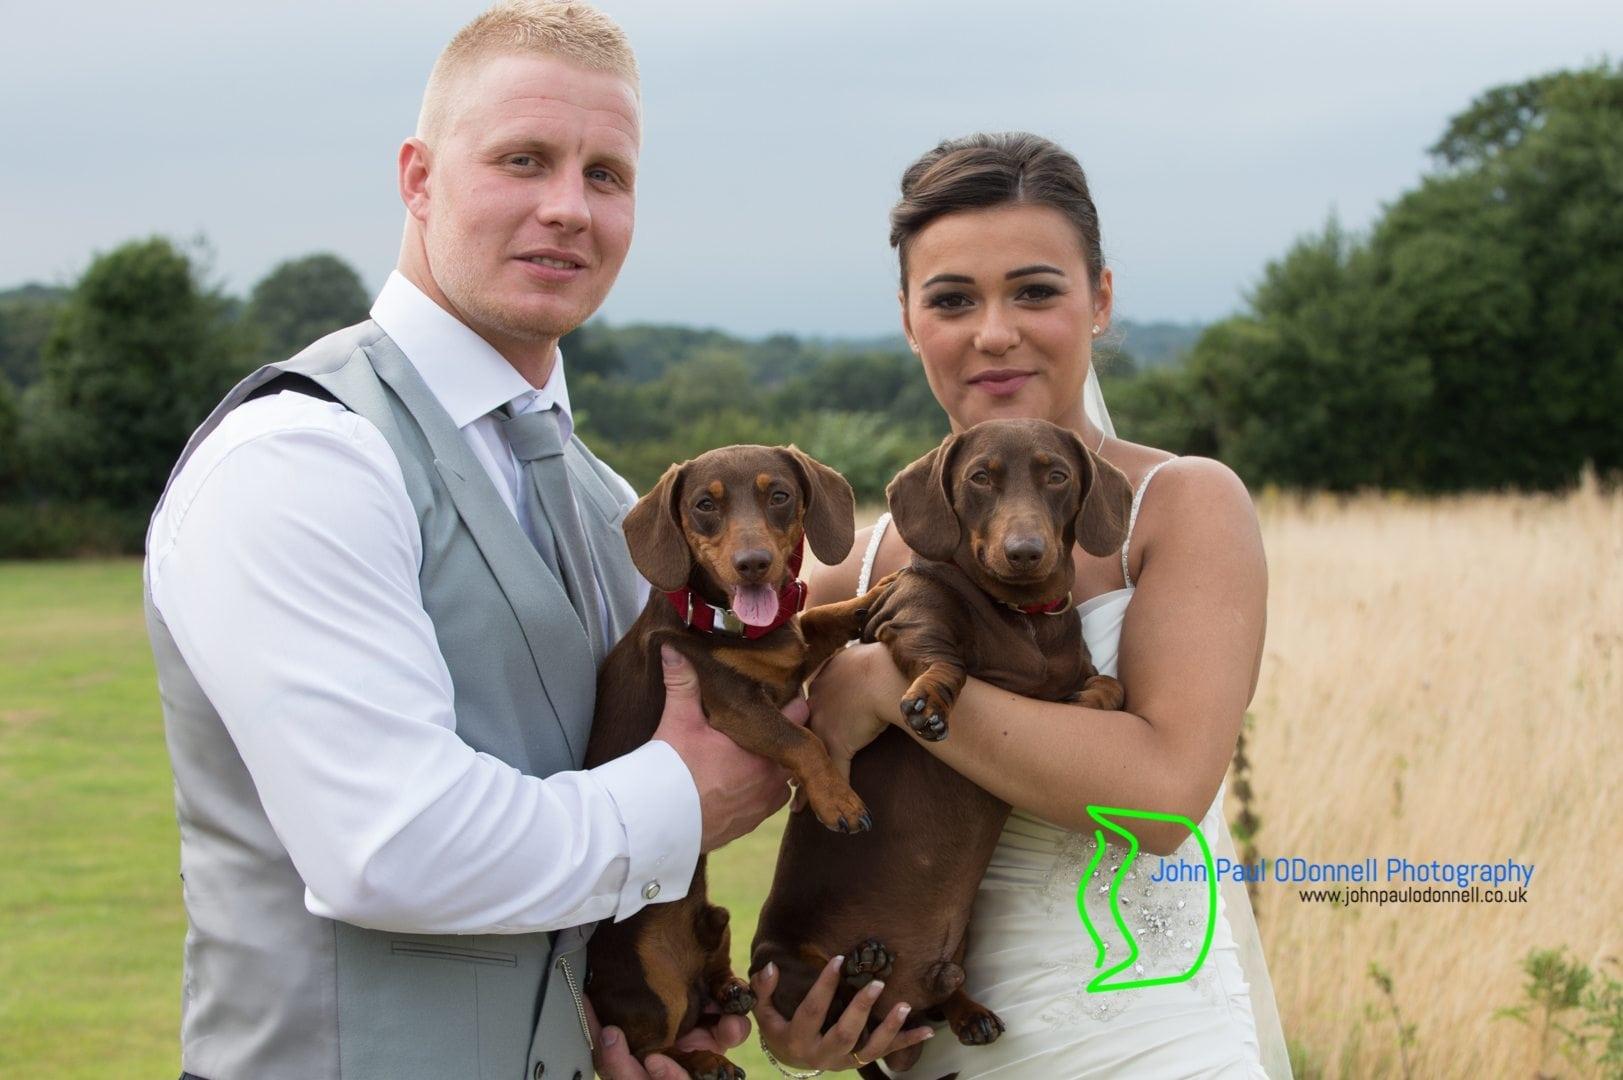 Jordan and Ashleys Wedding at Coltsfoot Country Retreat-16